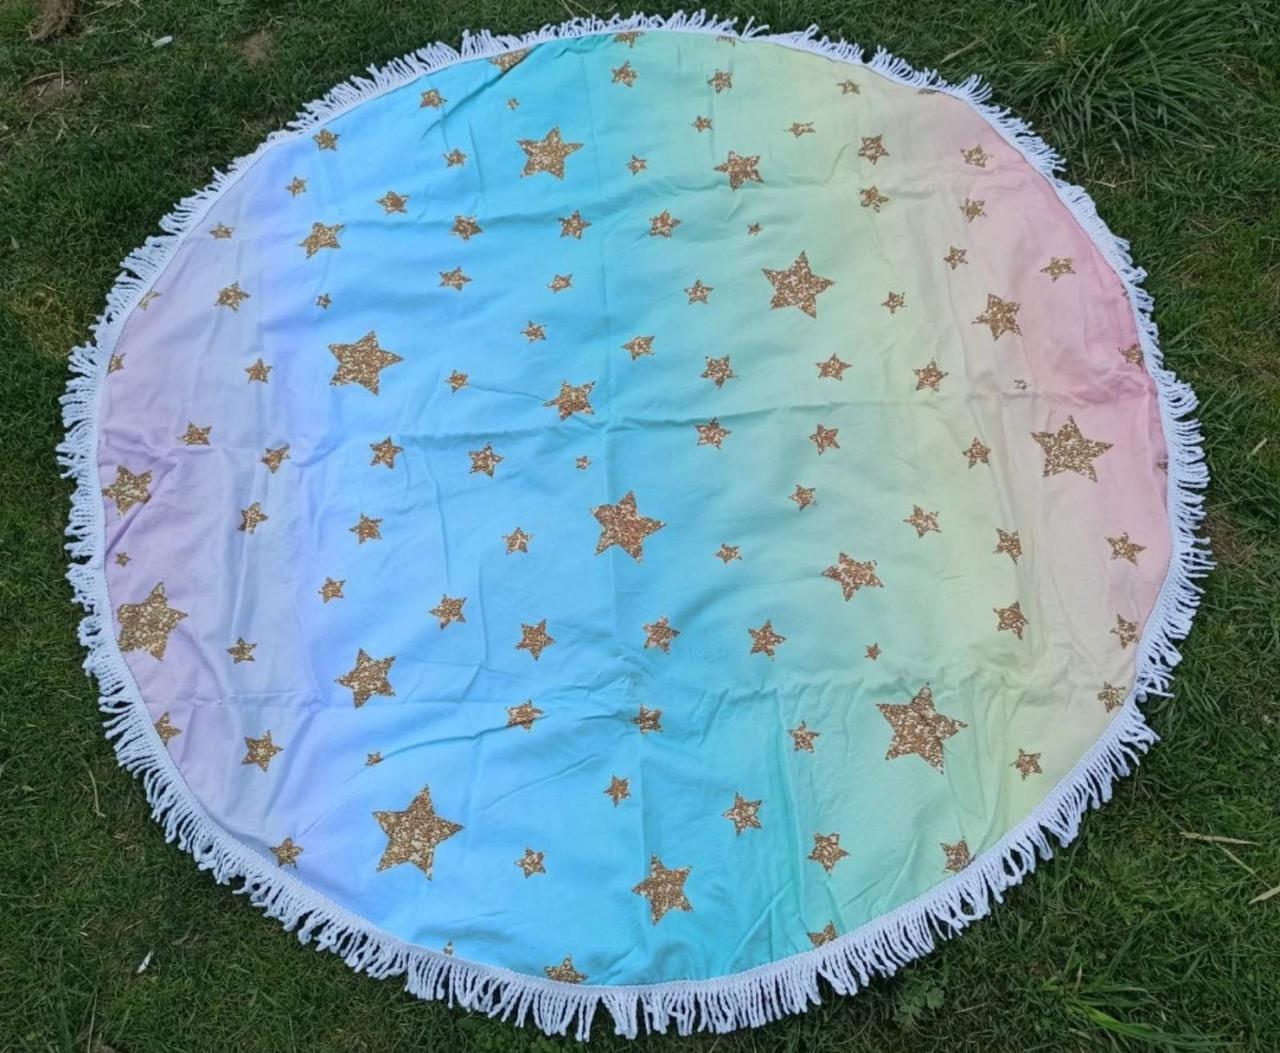 Пляжне покривало | Пляжний плед | Пляжний килимок | Пляжне кругле рушник.Розмір 150*150 см Зірки